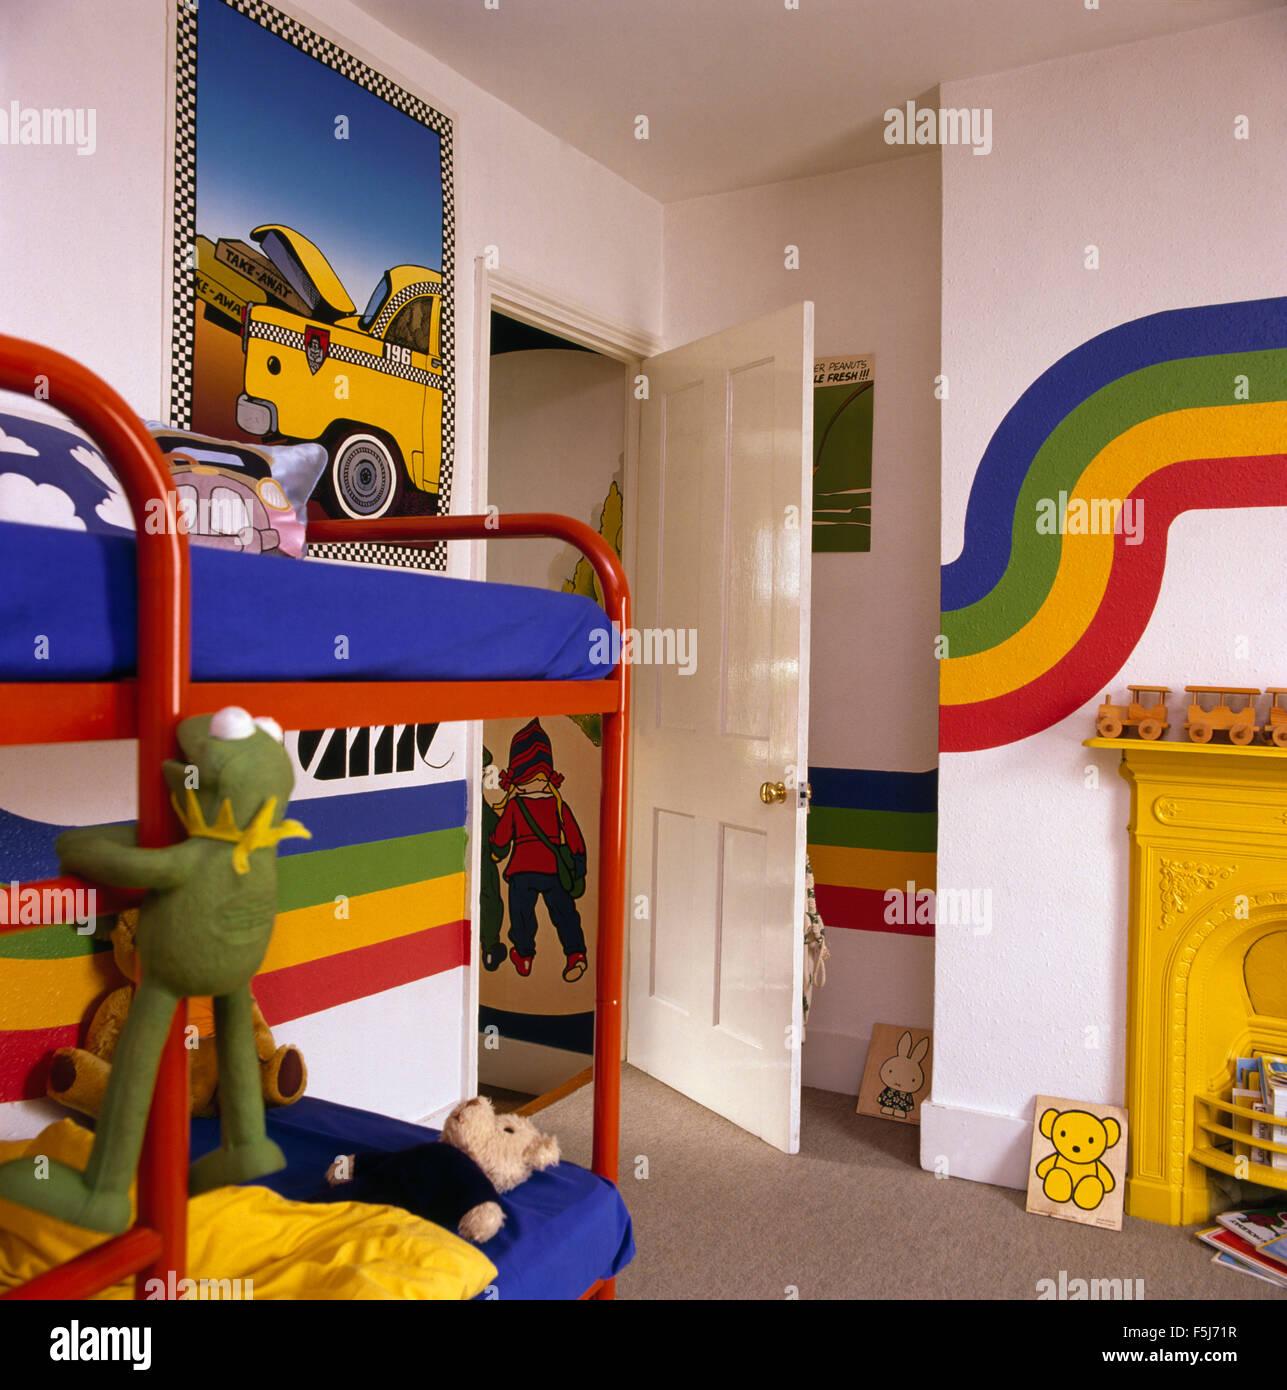 Regenbogen Streifen Gemalt An Wänden Ein Kinder Bunten 70er Jahre  Schlafzimmer Mit Roten Metall Etagenbetten